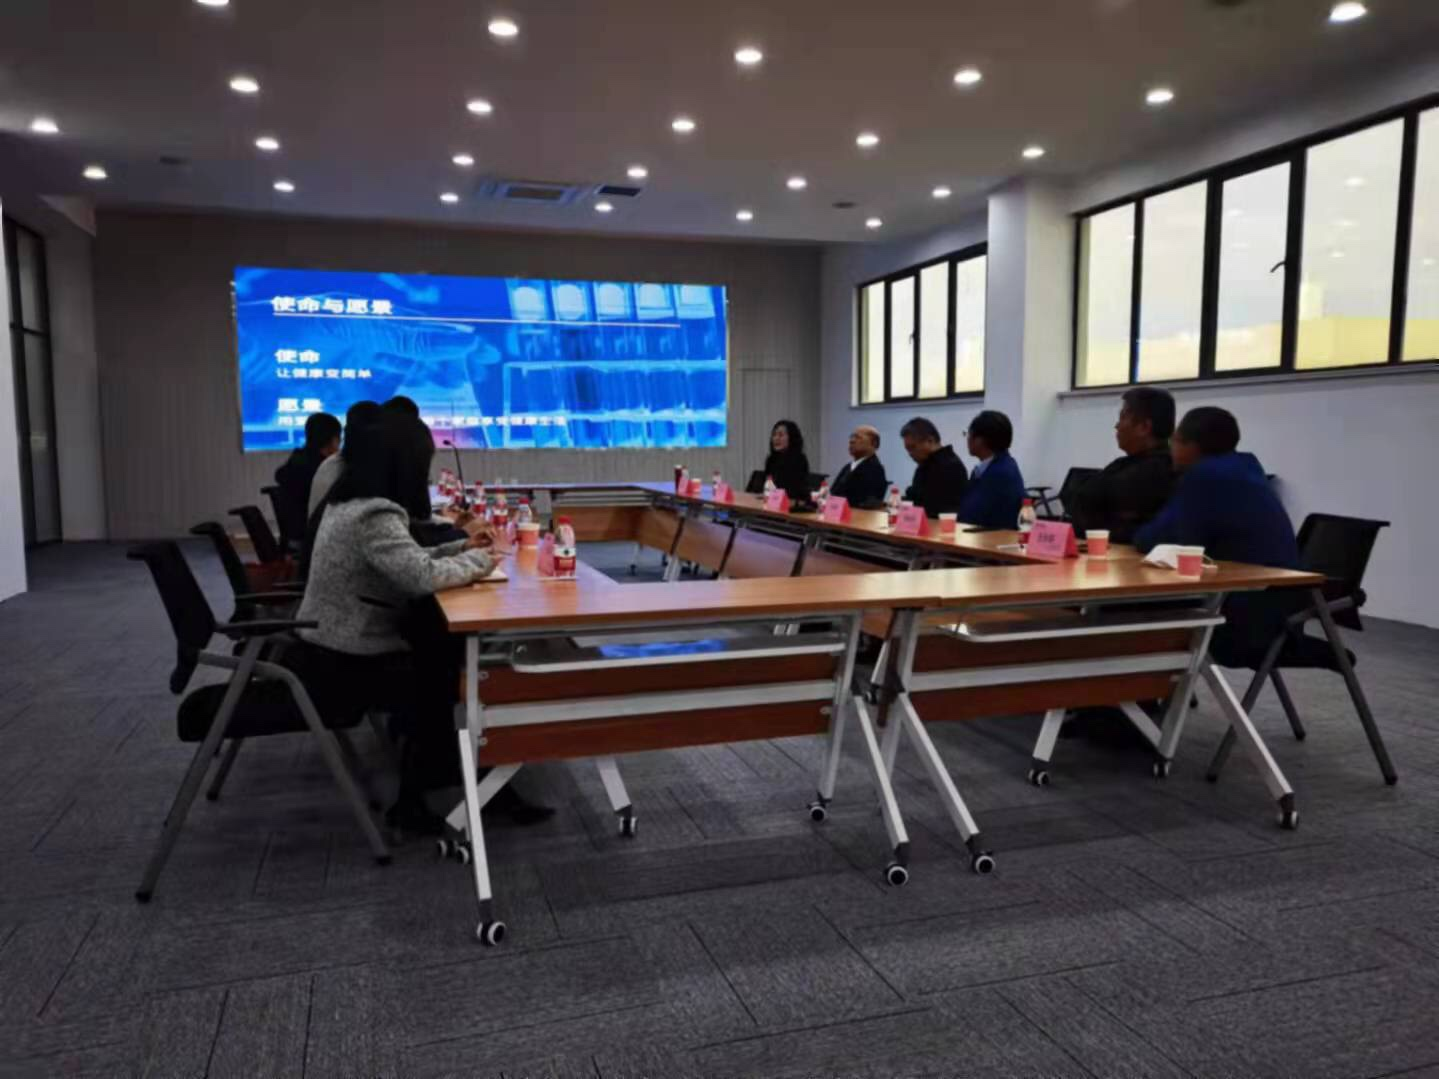 多维智康生物技术集团在济南举行座谈会,就企业发展倾听专家学者意见